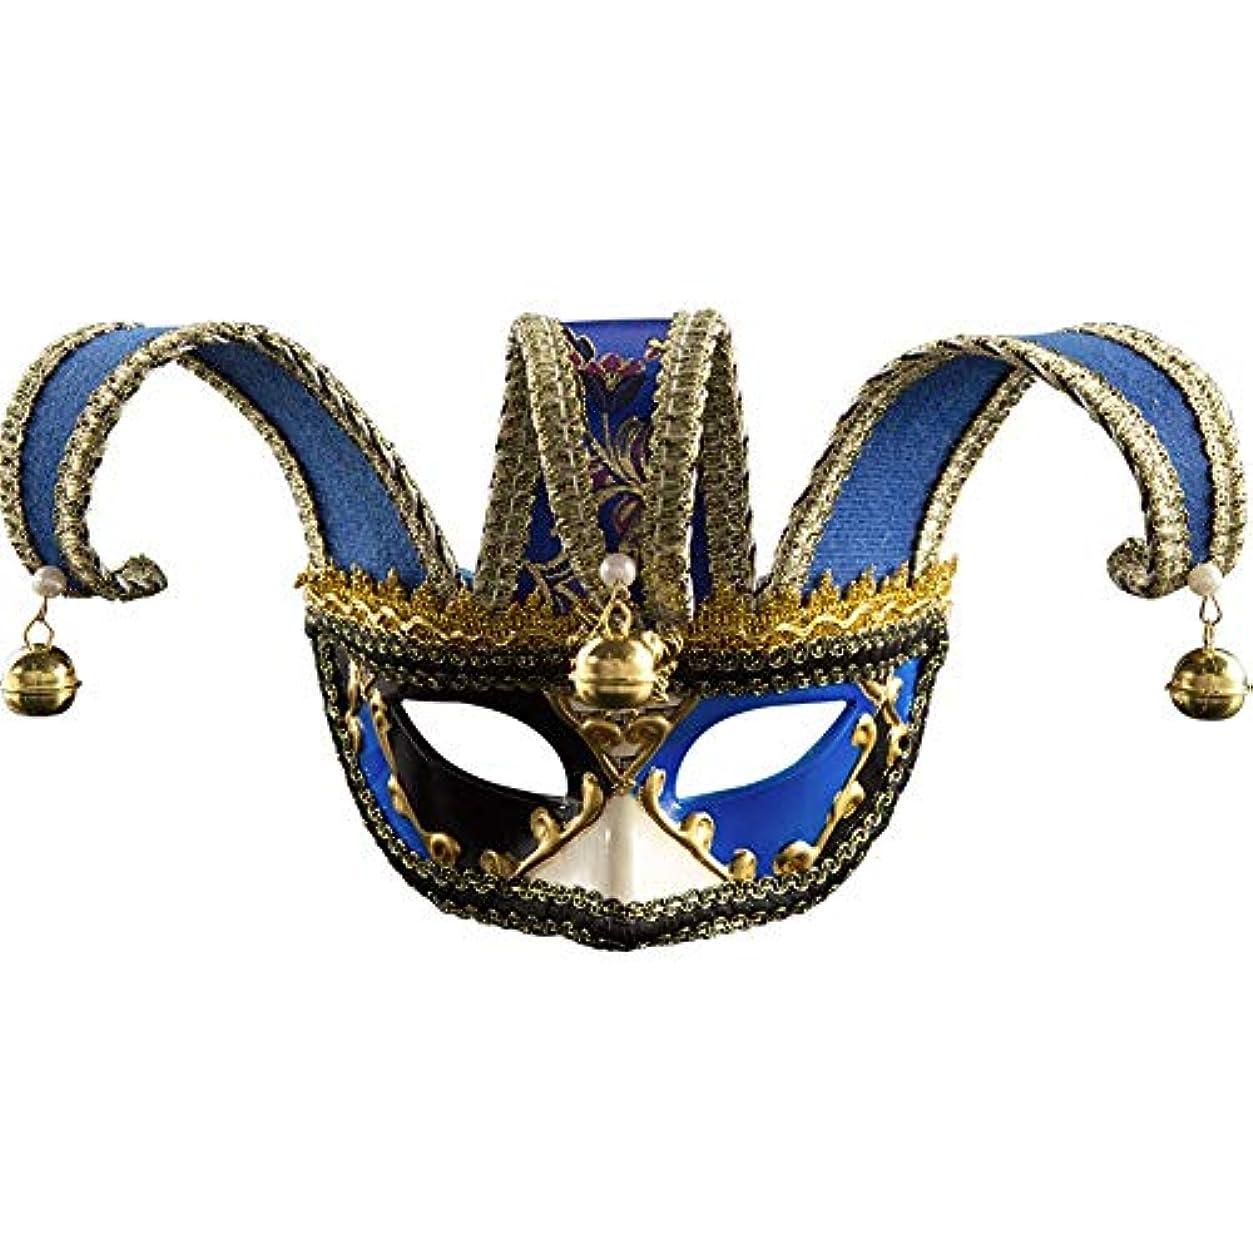 スポット失礼な反逆ダンスマスク ナイトクラブ音楽カーニバルマスク雰囲気クリスマスフェスティバルプラスチックマスクイブニングパーティーボール ホリデーパーティー用品 (色 : 青, サイズ : 16.5x29cm)